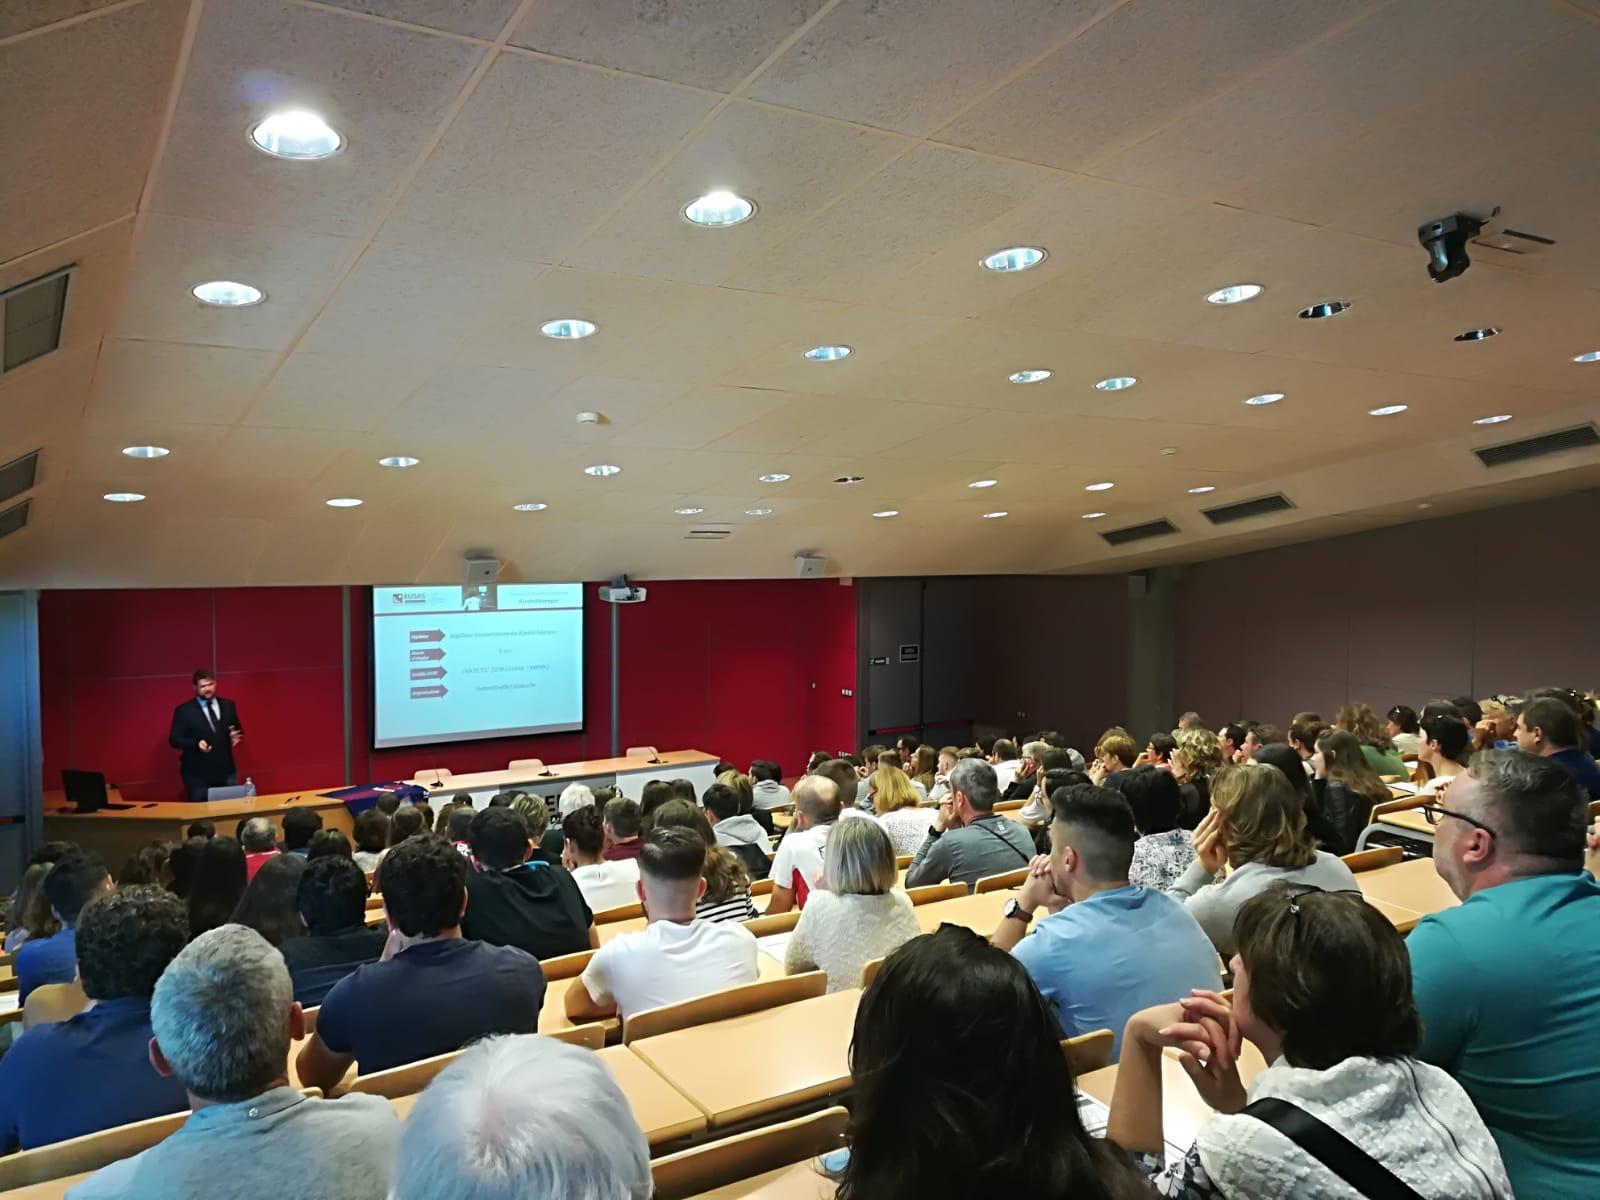 Èxit d'assistència en la darrera jornada de portes obertes de l'Escola Universitària de la Salut i l'Esport per als graus en CAFE i en Fisioteràpia